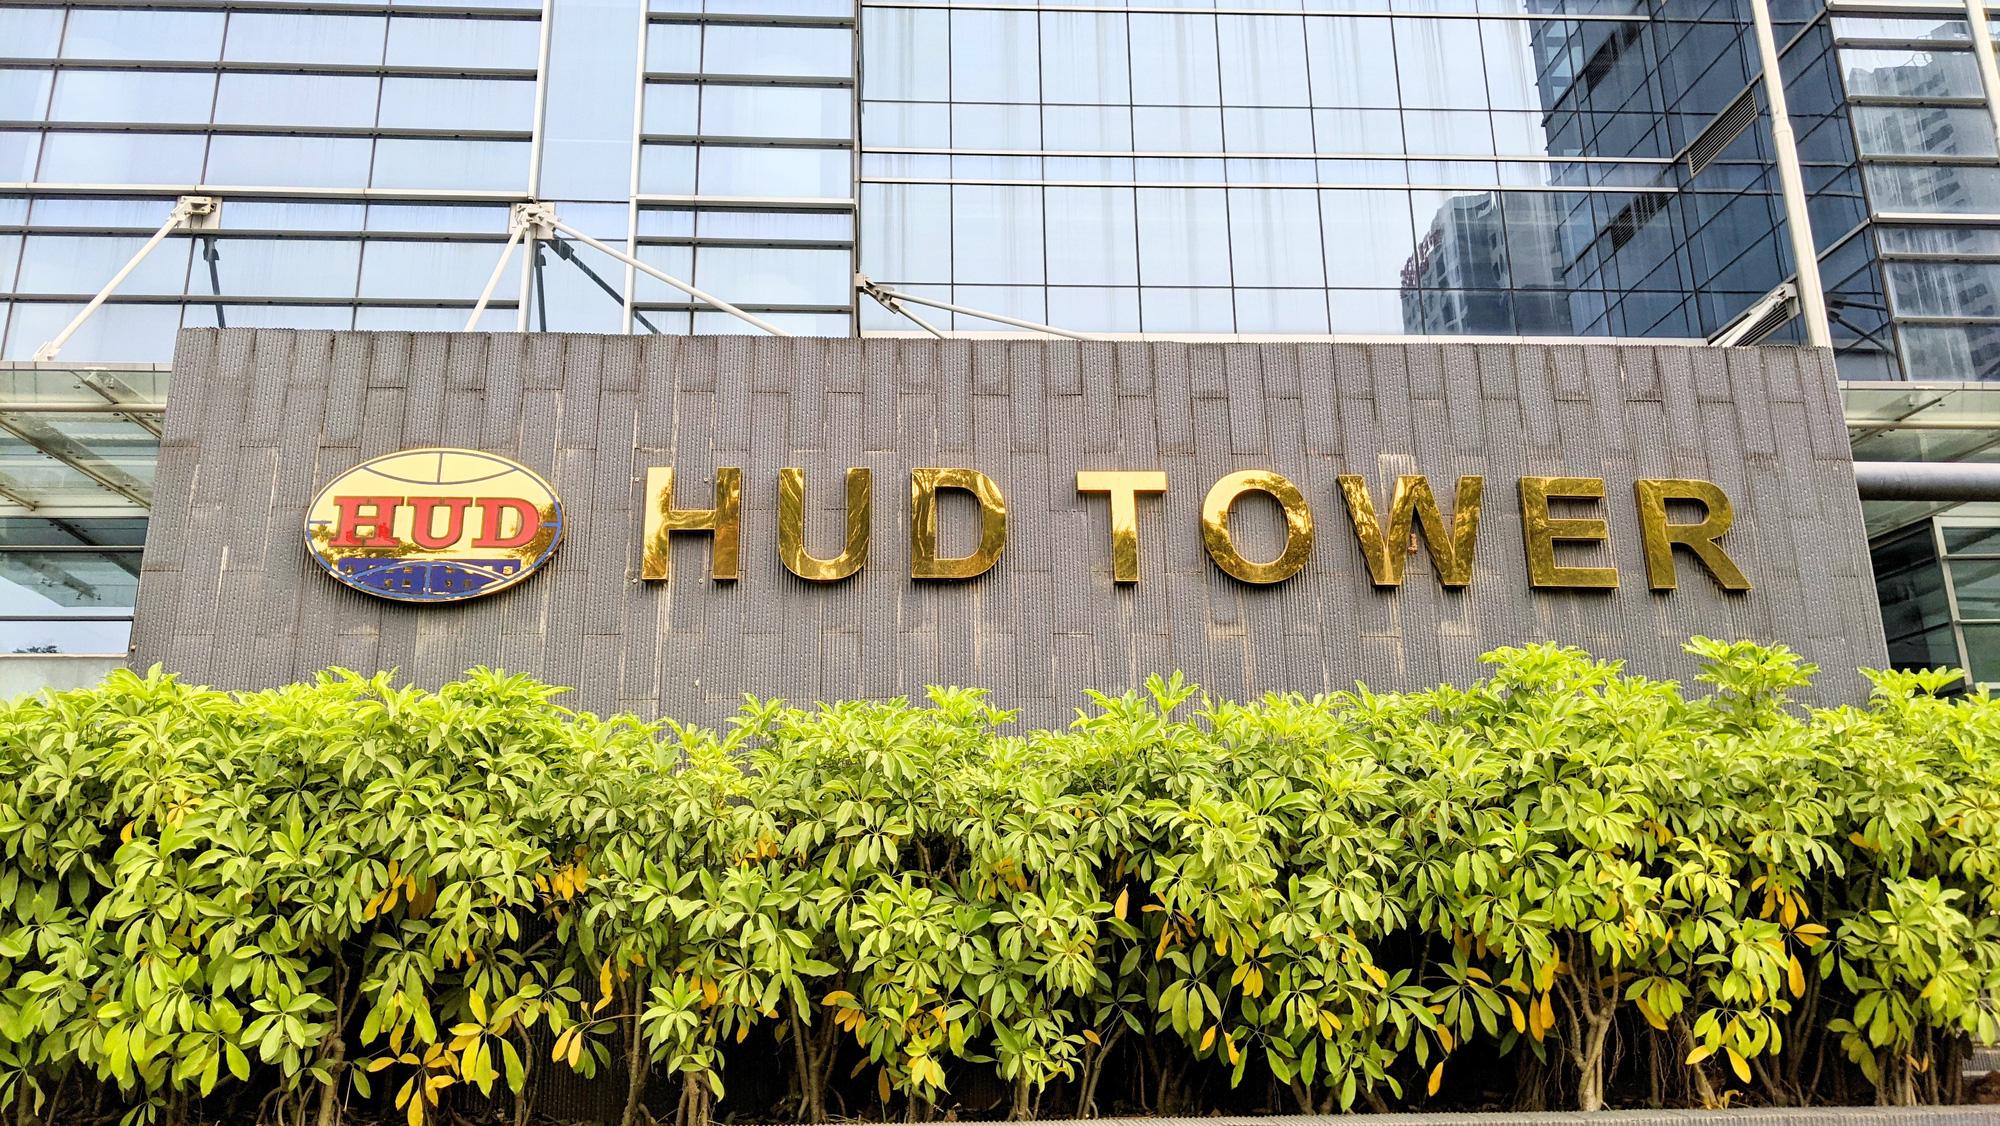 Nhóm doanh nghiệp HUD làm ăn ra sao trong nửa đầu năm? - Ảnh 1.